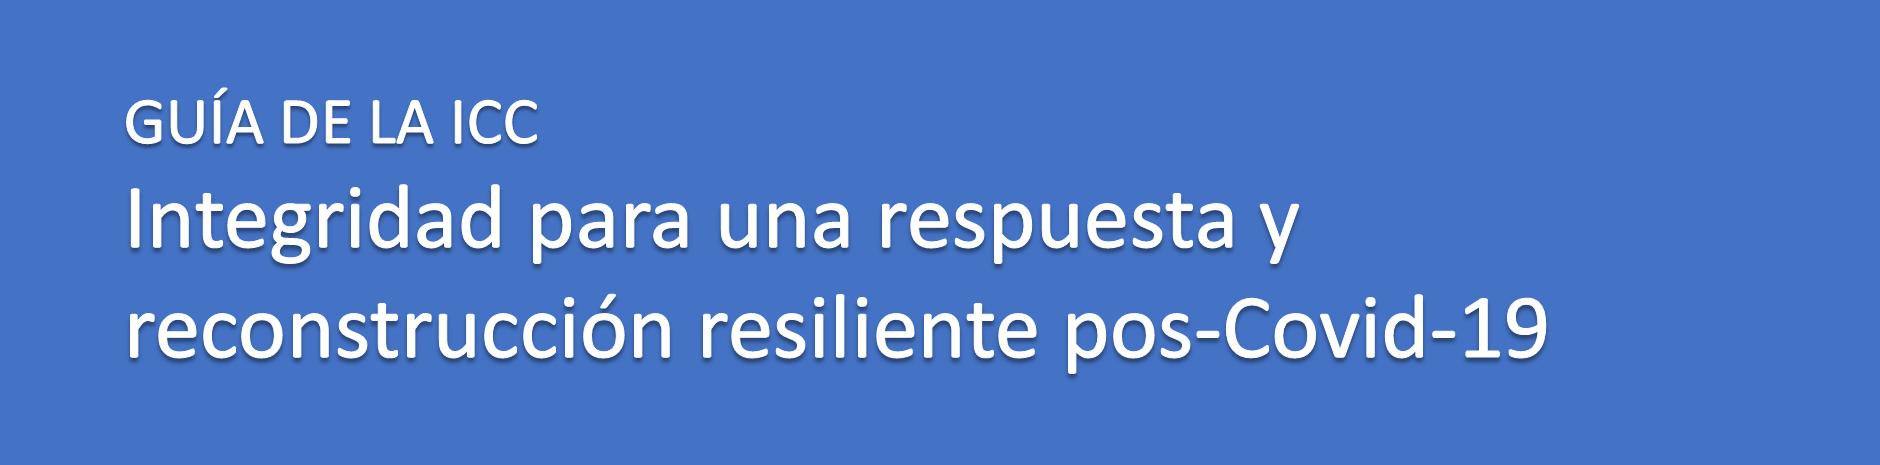 GUÍA DE LA ICC – Integridad para una respuesta y  reconstrucción resiliente pos-Covid-19